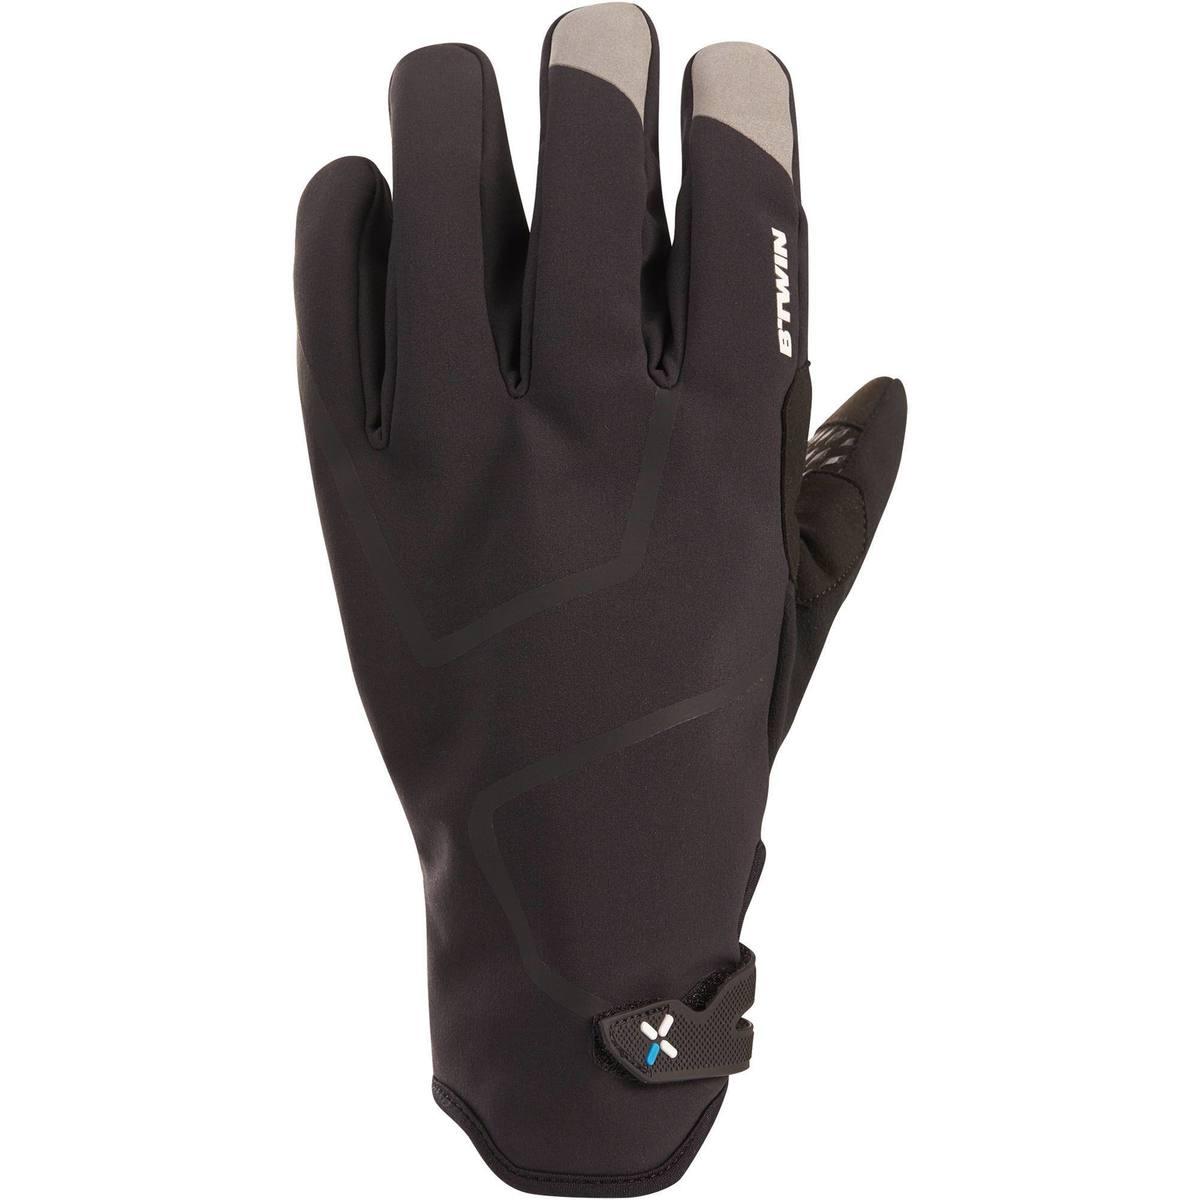 Bild 1 von Fahrrad-Winterhandschuhe 700 schwarz